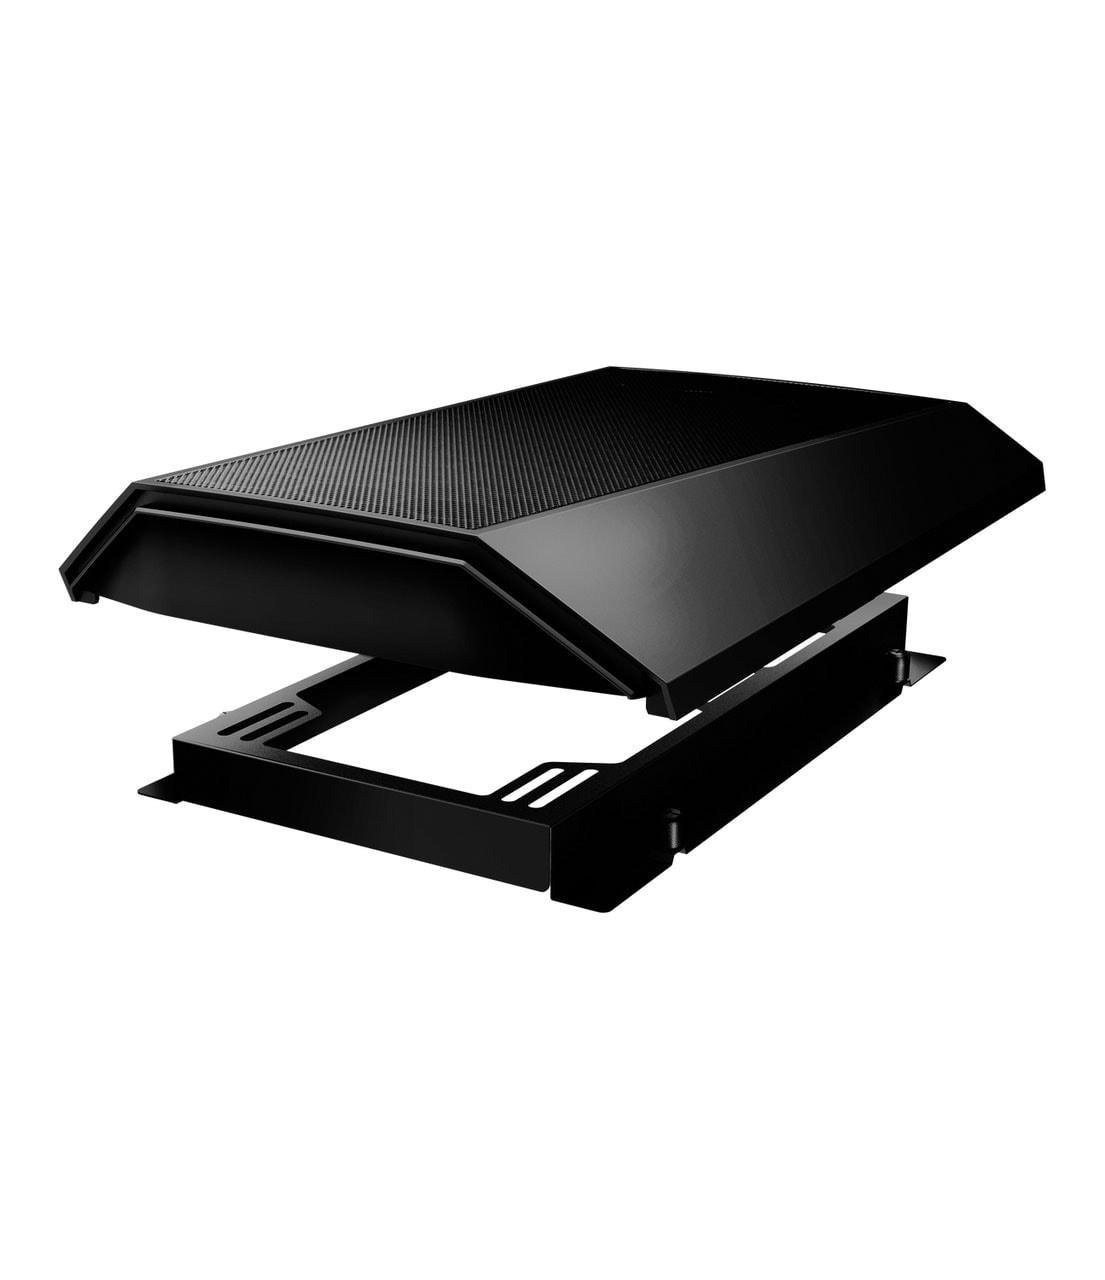 Cooler Master MasterCase 5 Top Cover Kit (MCA-0005-KTC00) - Achat / Vente Accessoire Boîtier sur Cybertek.fr - 0